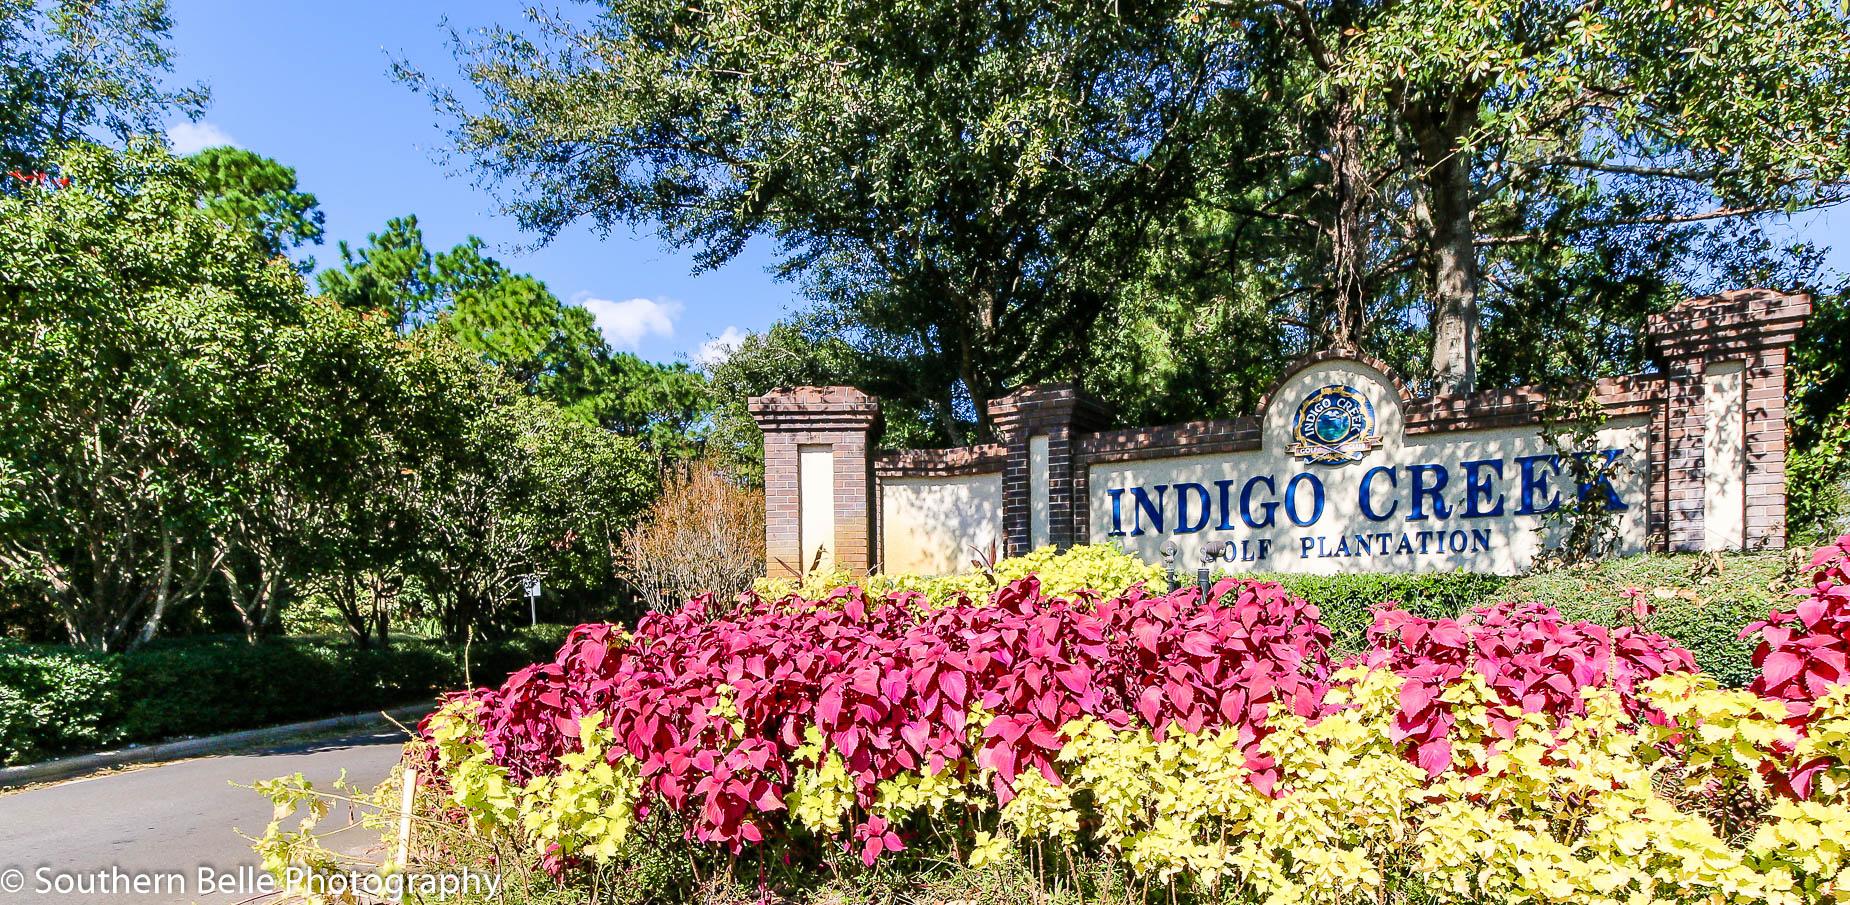 1. Indigo Creek Golf Plantation WM